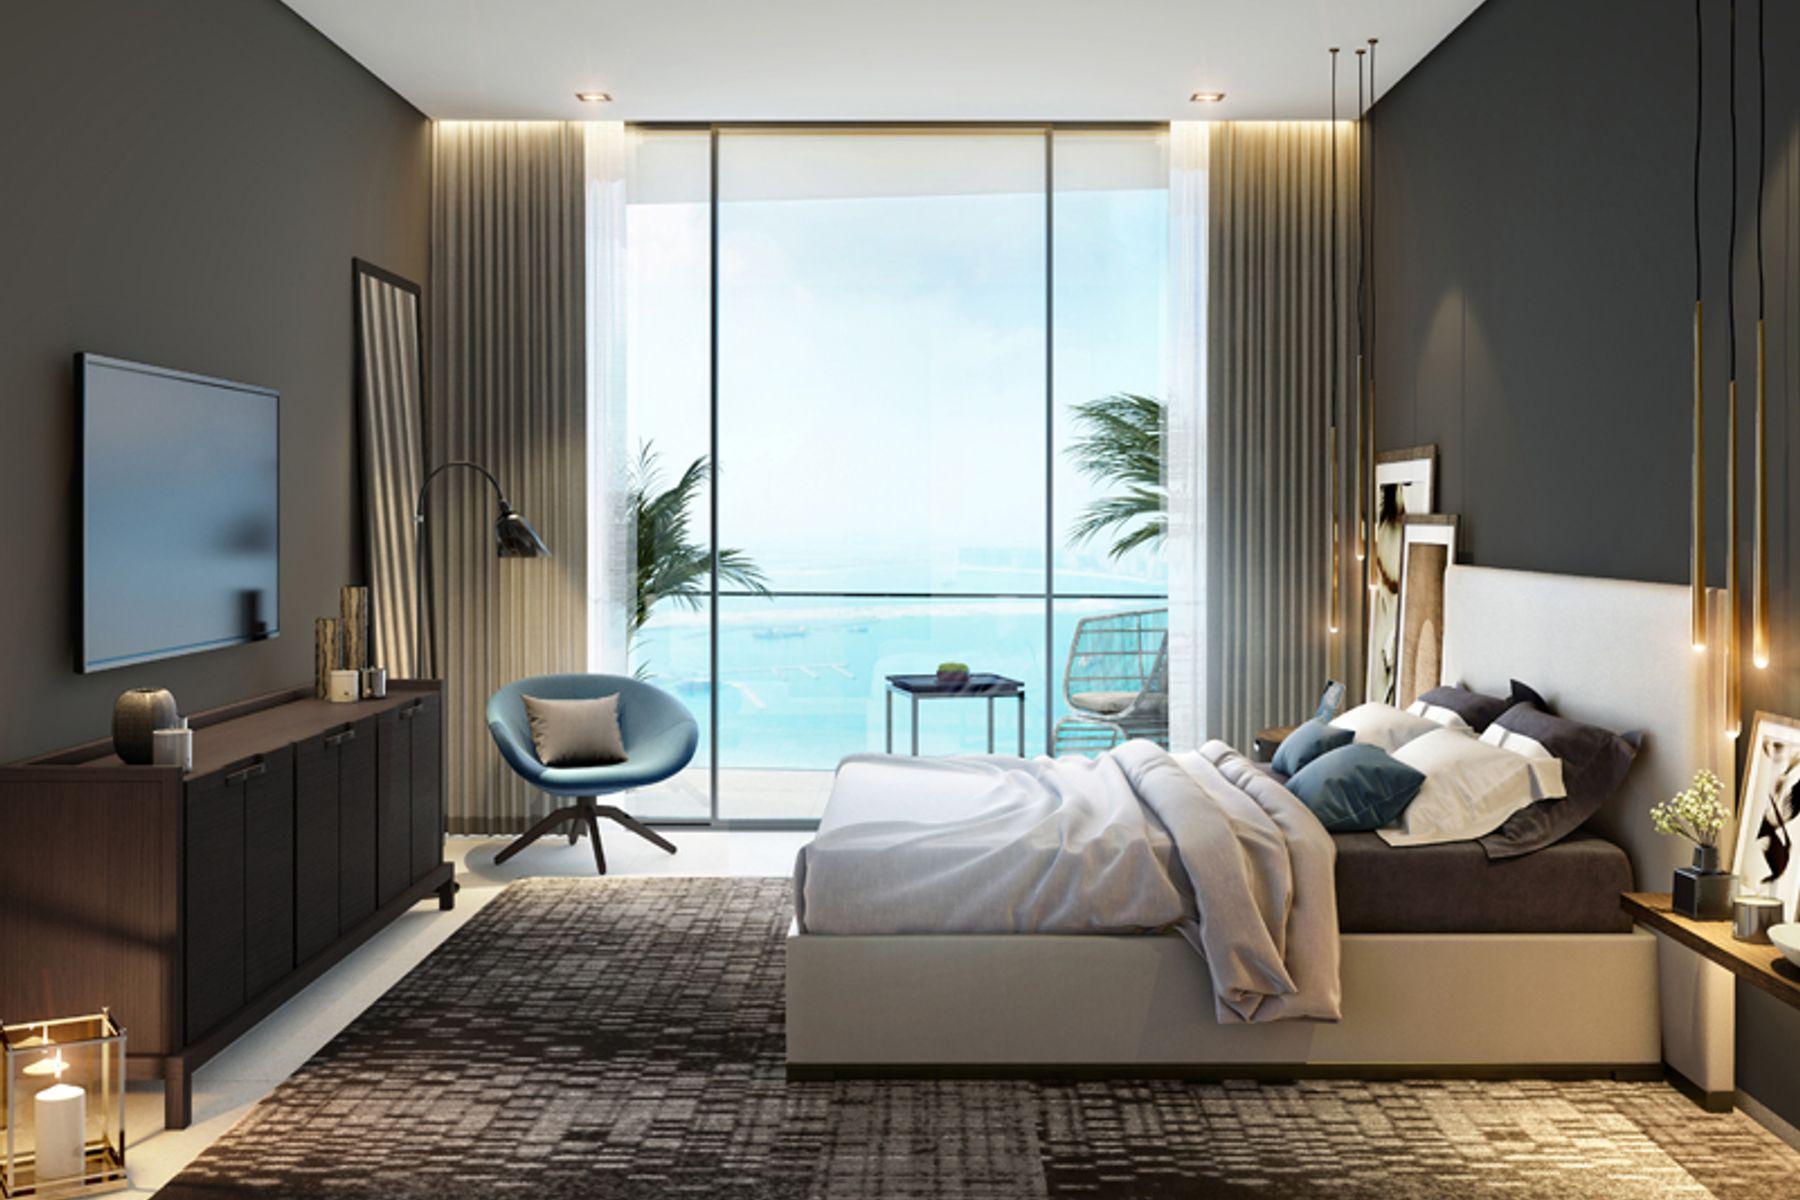 للبيع - شقة - العنوان منتجع وسبا جميرا - مساكن شاطئ الجميرا